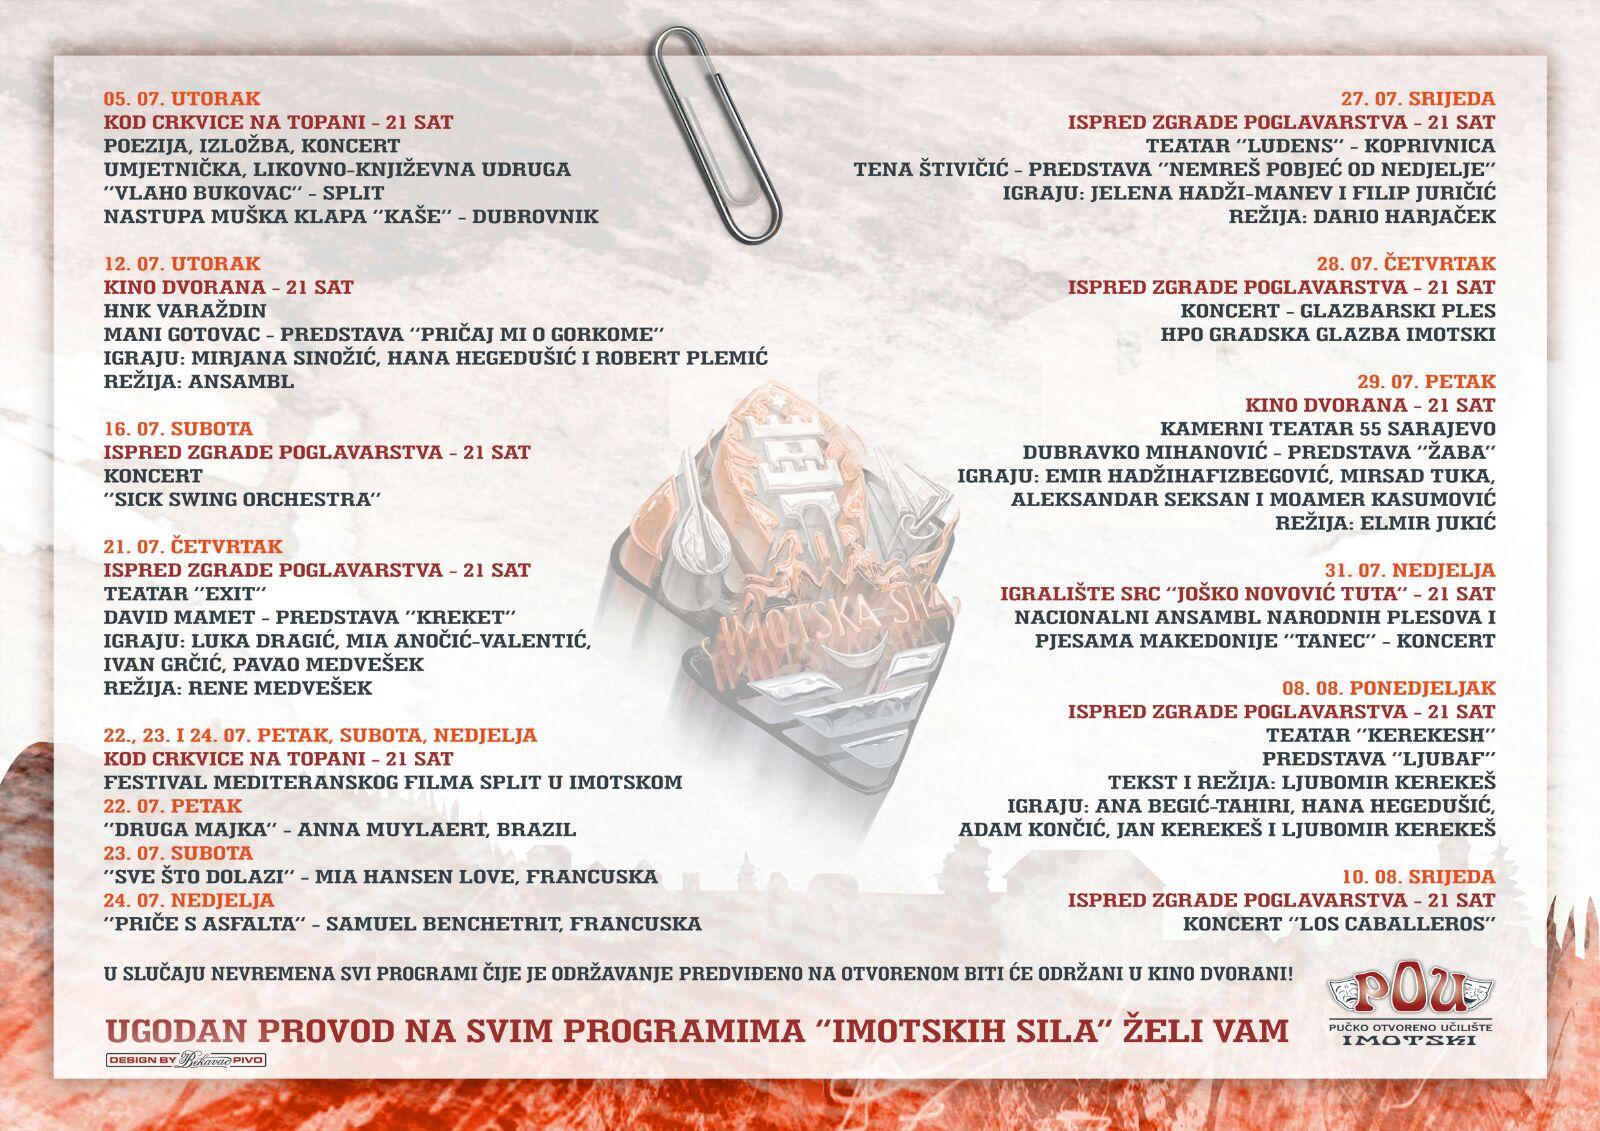 Imotska Sila - program 2016